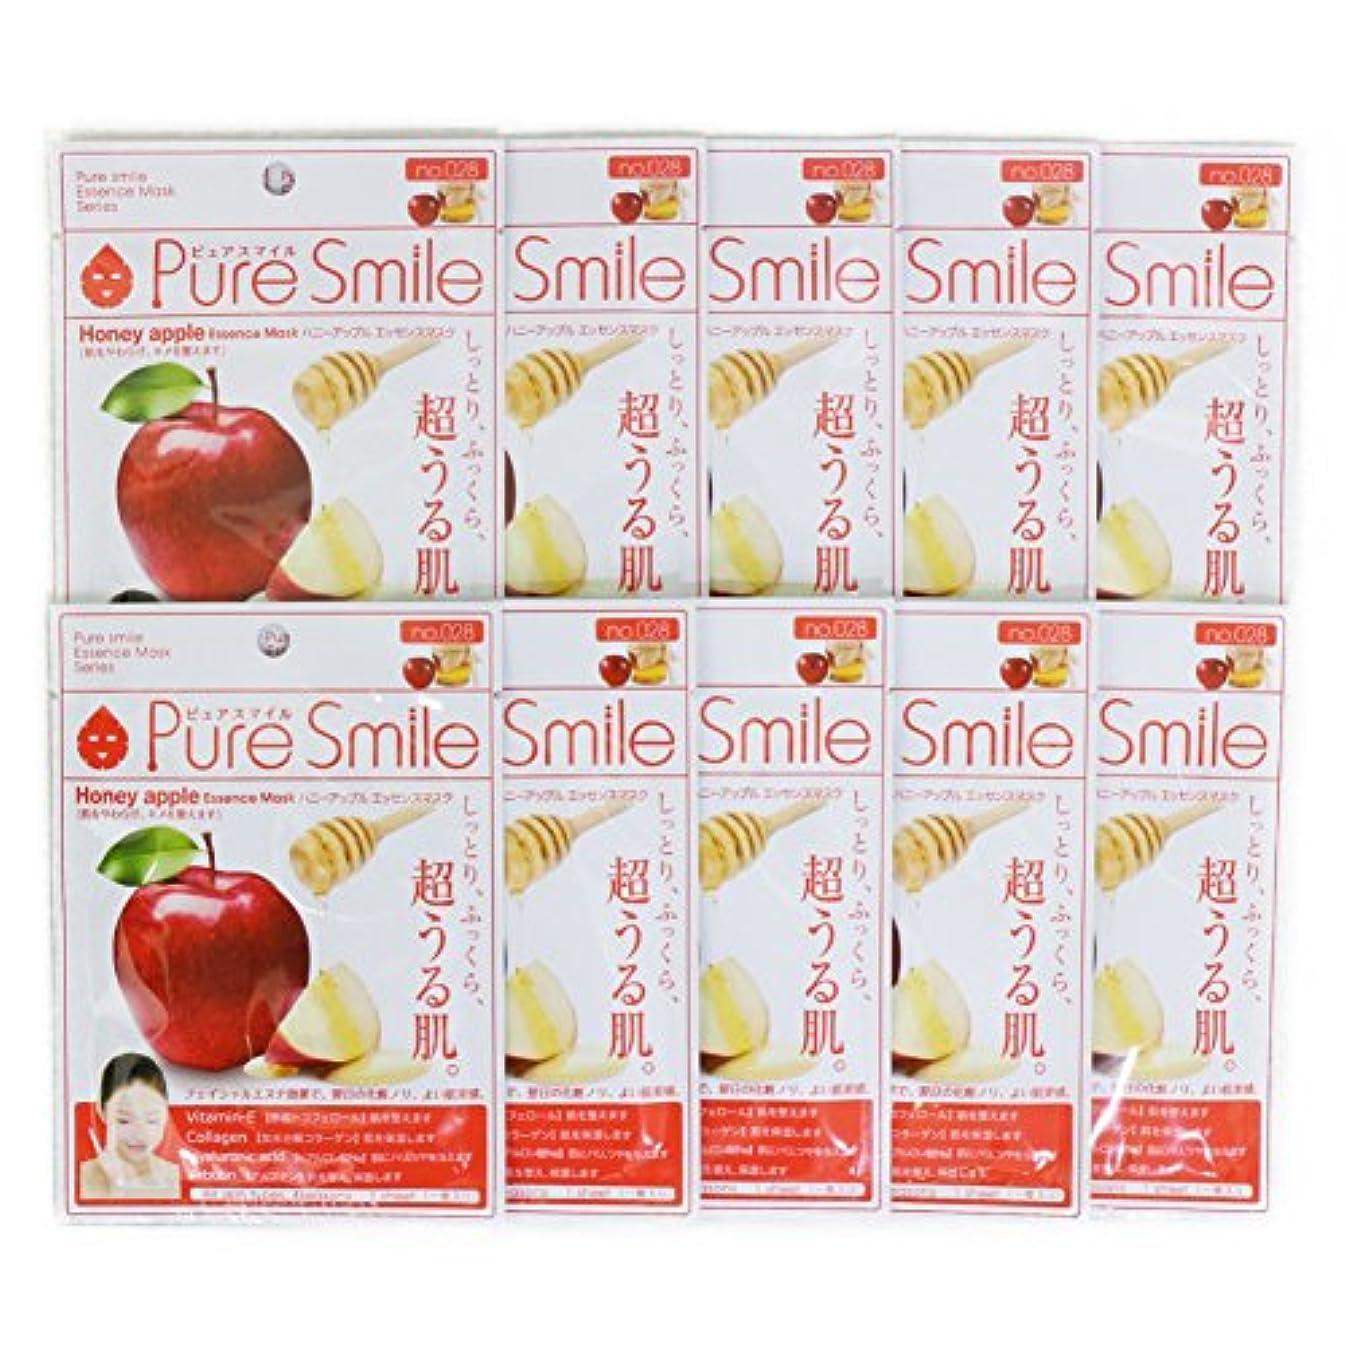 謎めいた挨拶する簡単にPure Smile ピュアスマイル エッセンスマスク ハニーアップル 10枚セット